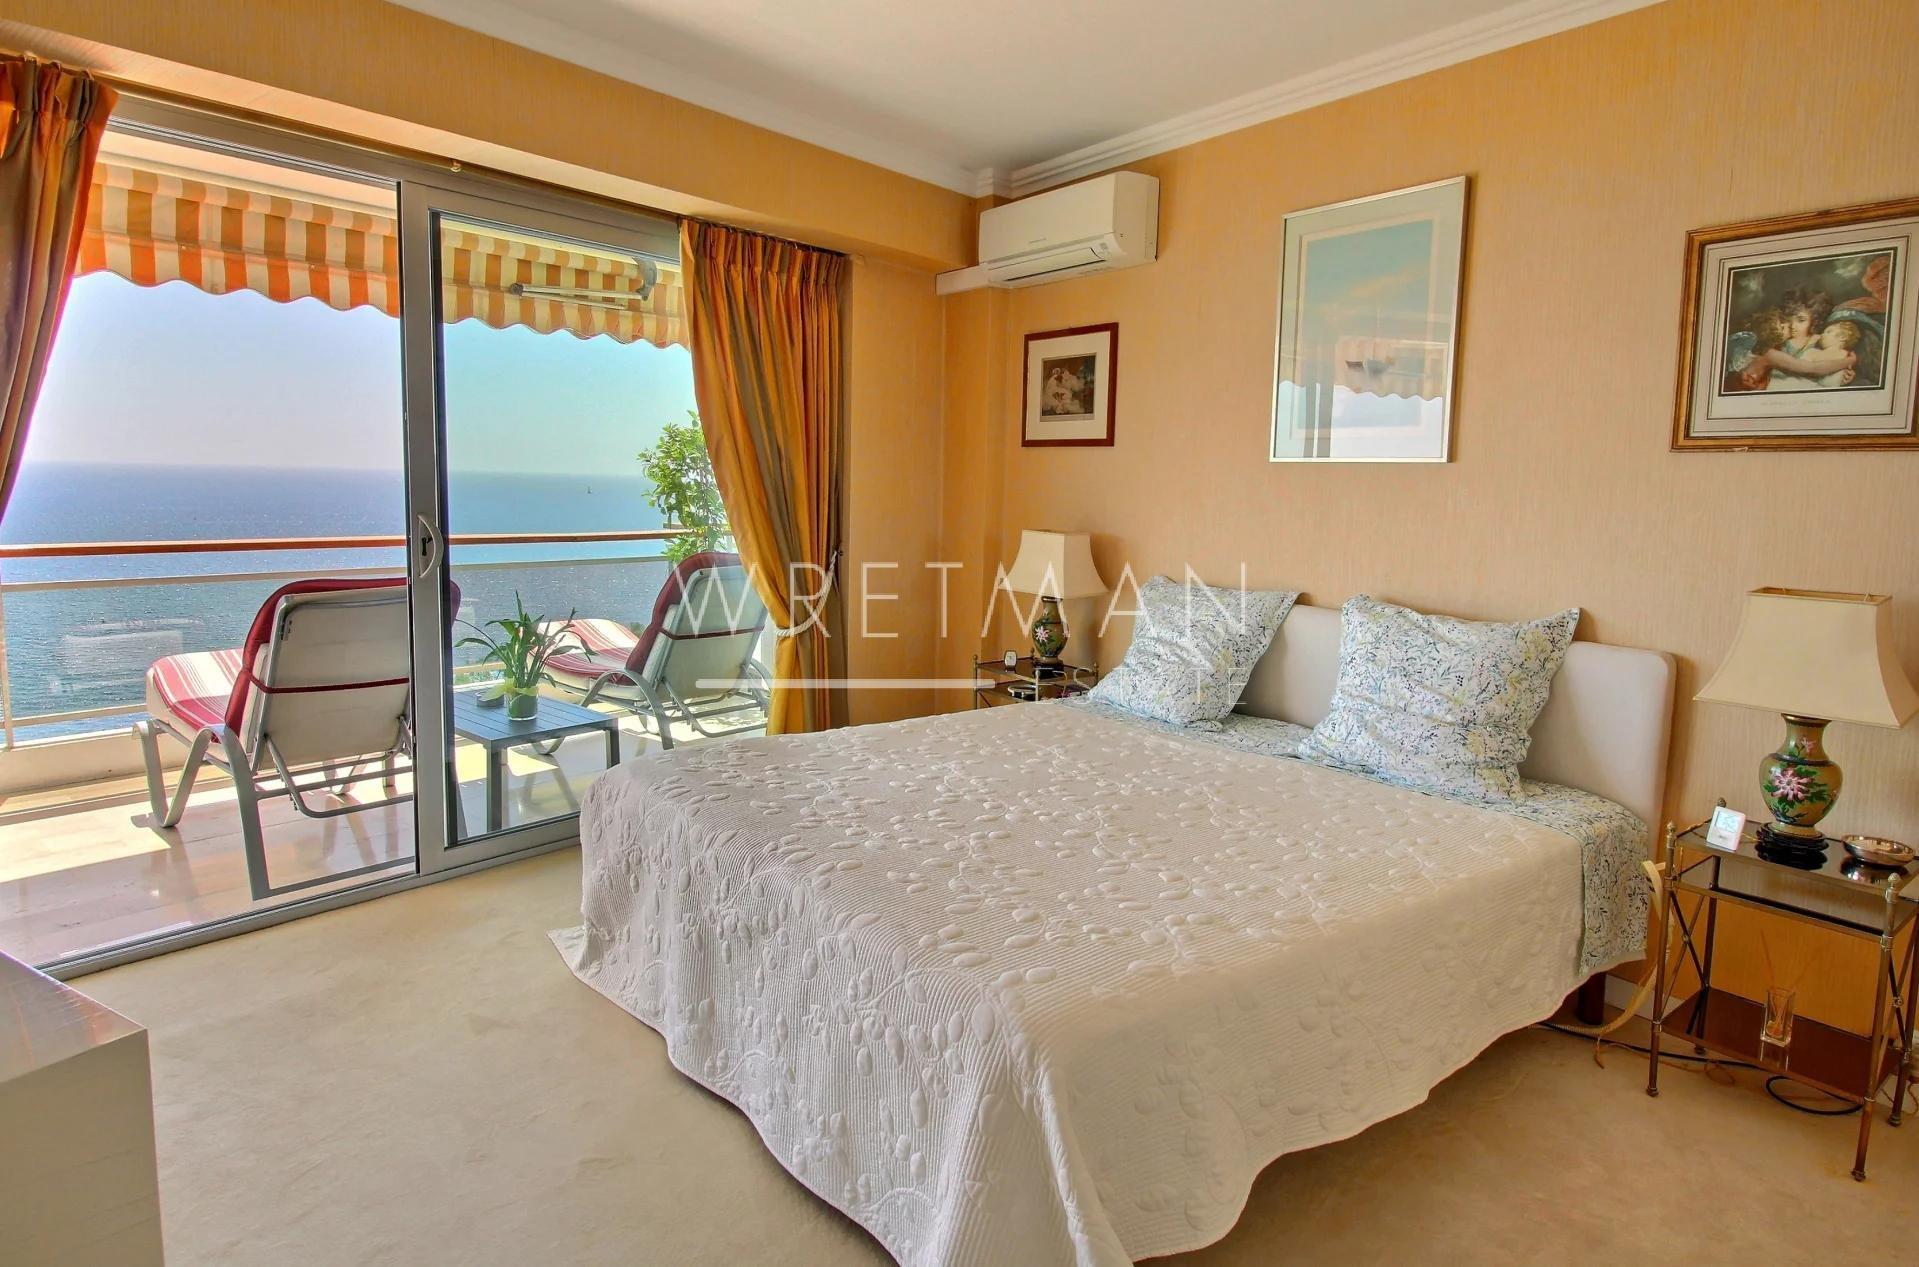 Magnifik lägenhet med havsutsikt - Eden Cannes